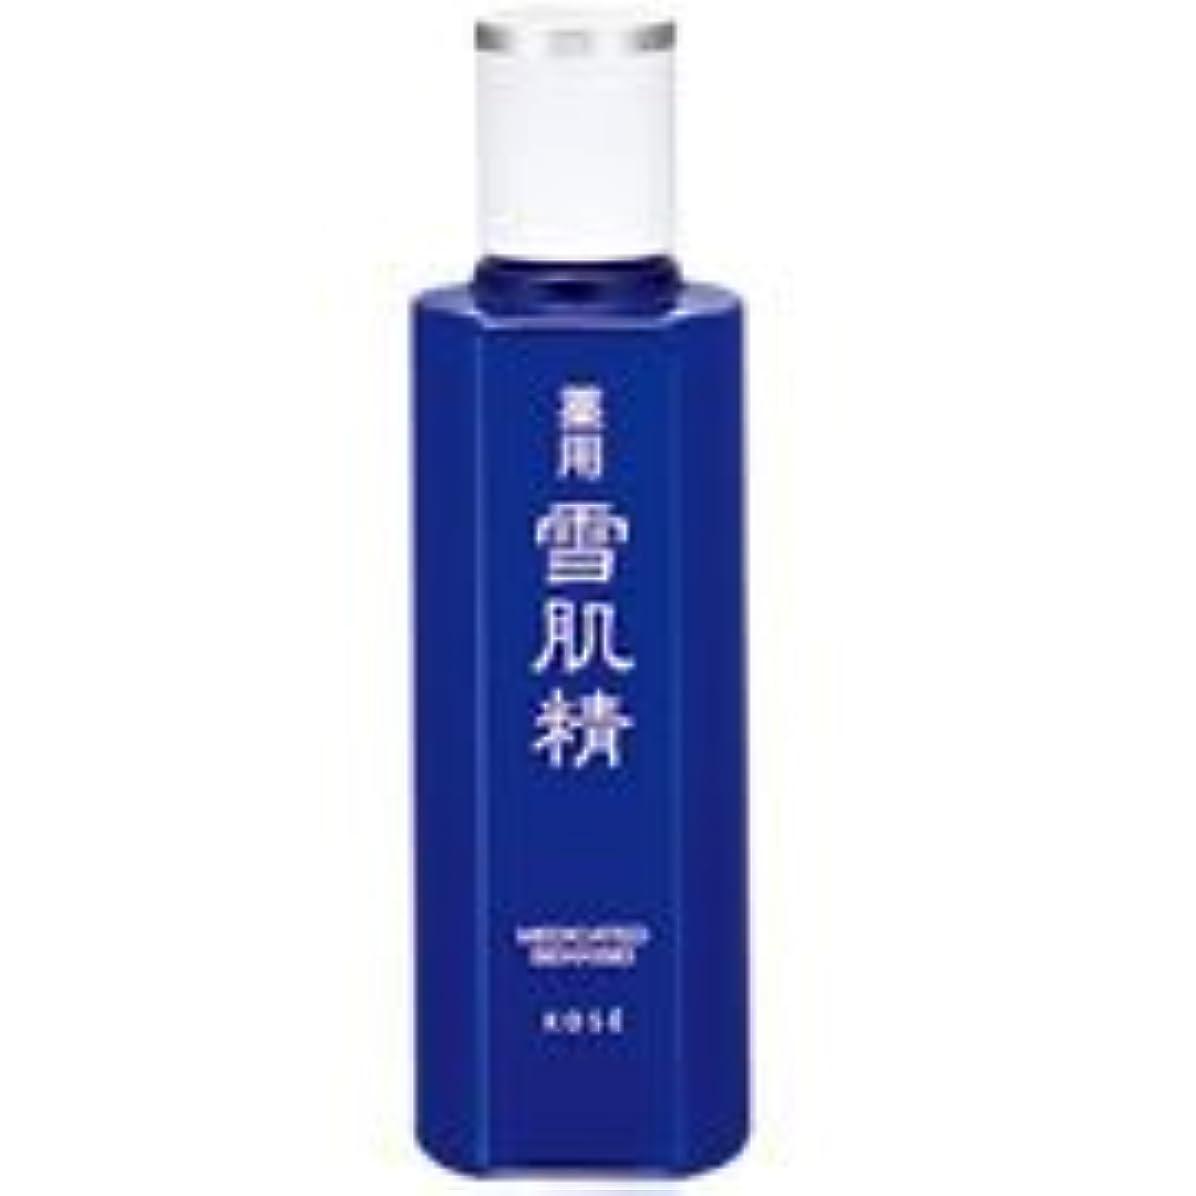 木曜日アカウント参照するコーセー 薬用 雪肌精 化粧水 限定 トライアルサイズ 140ml